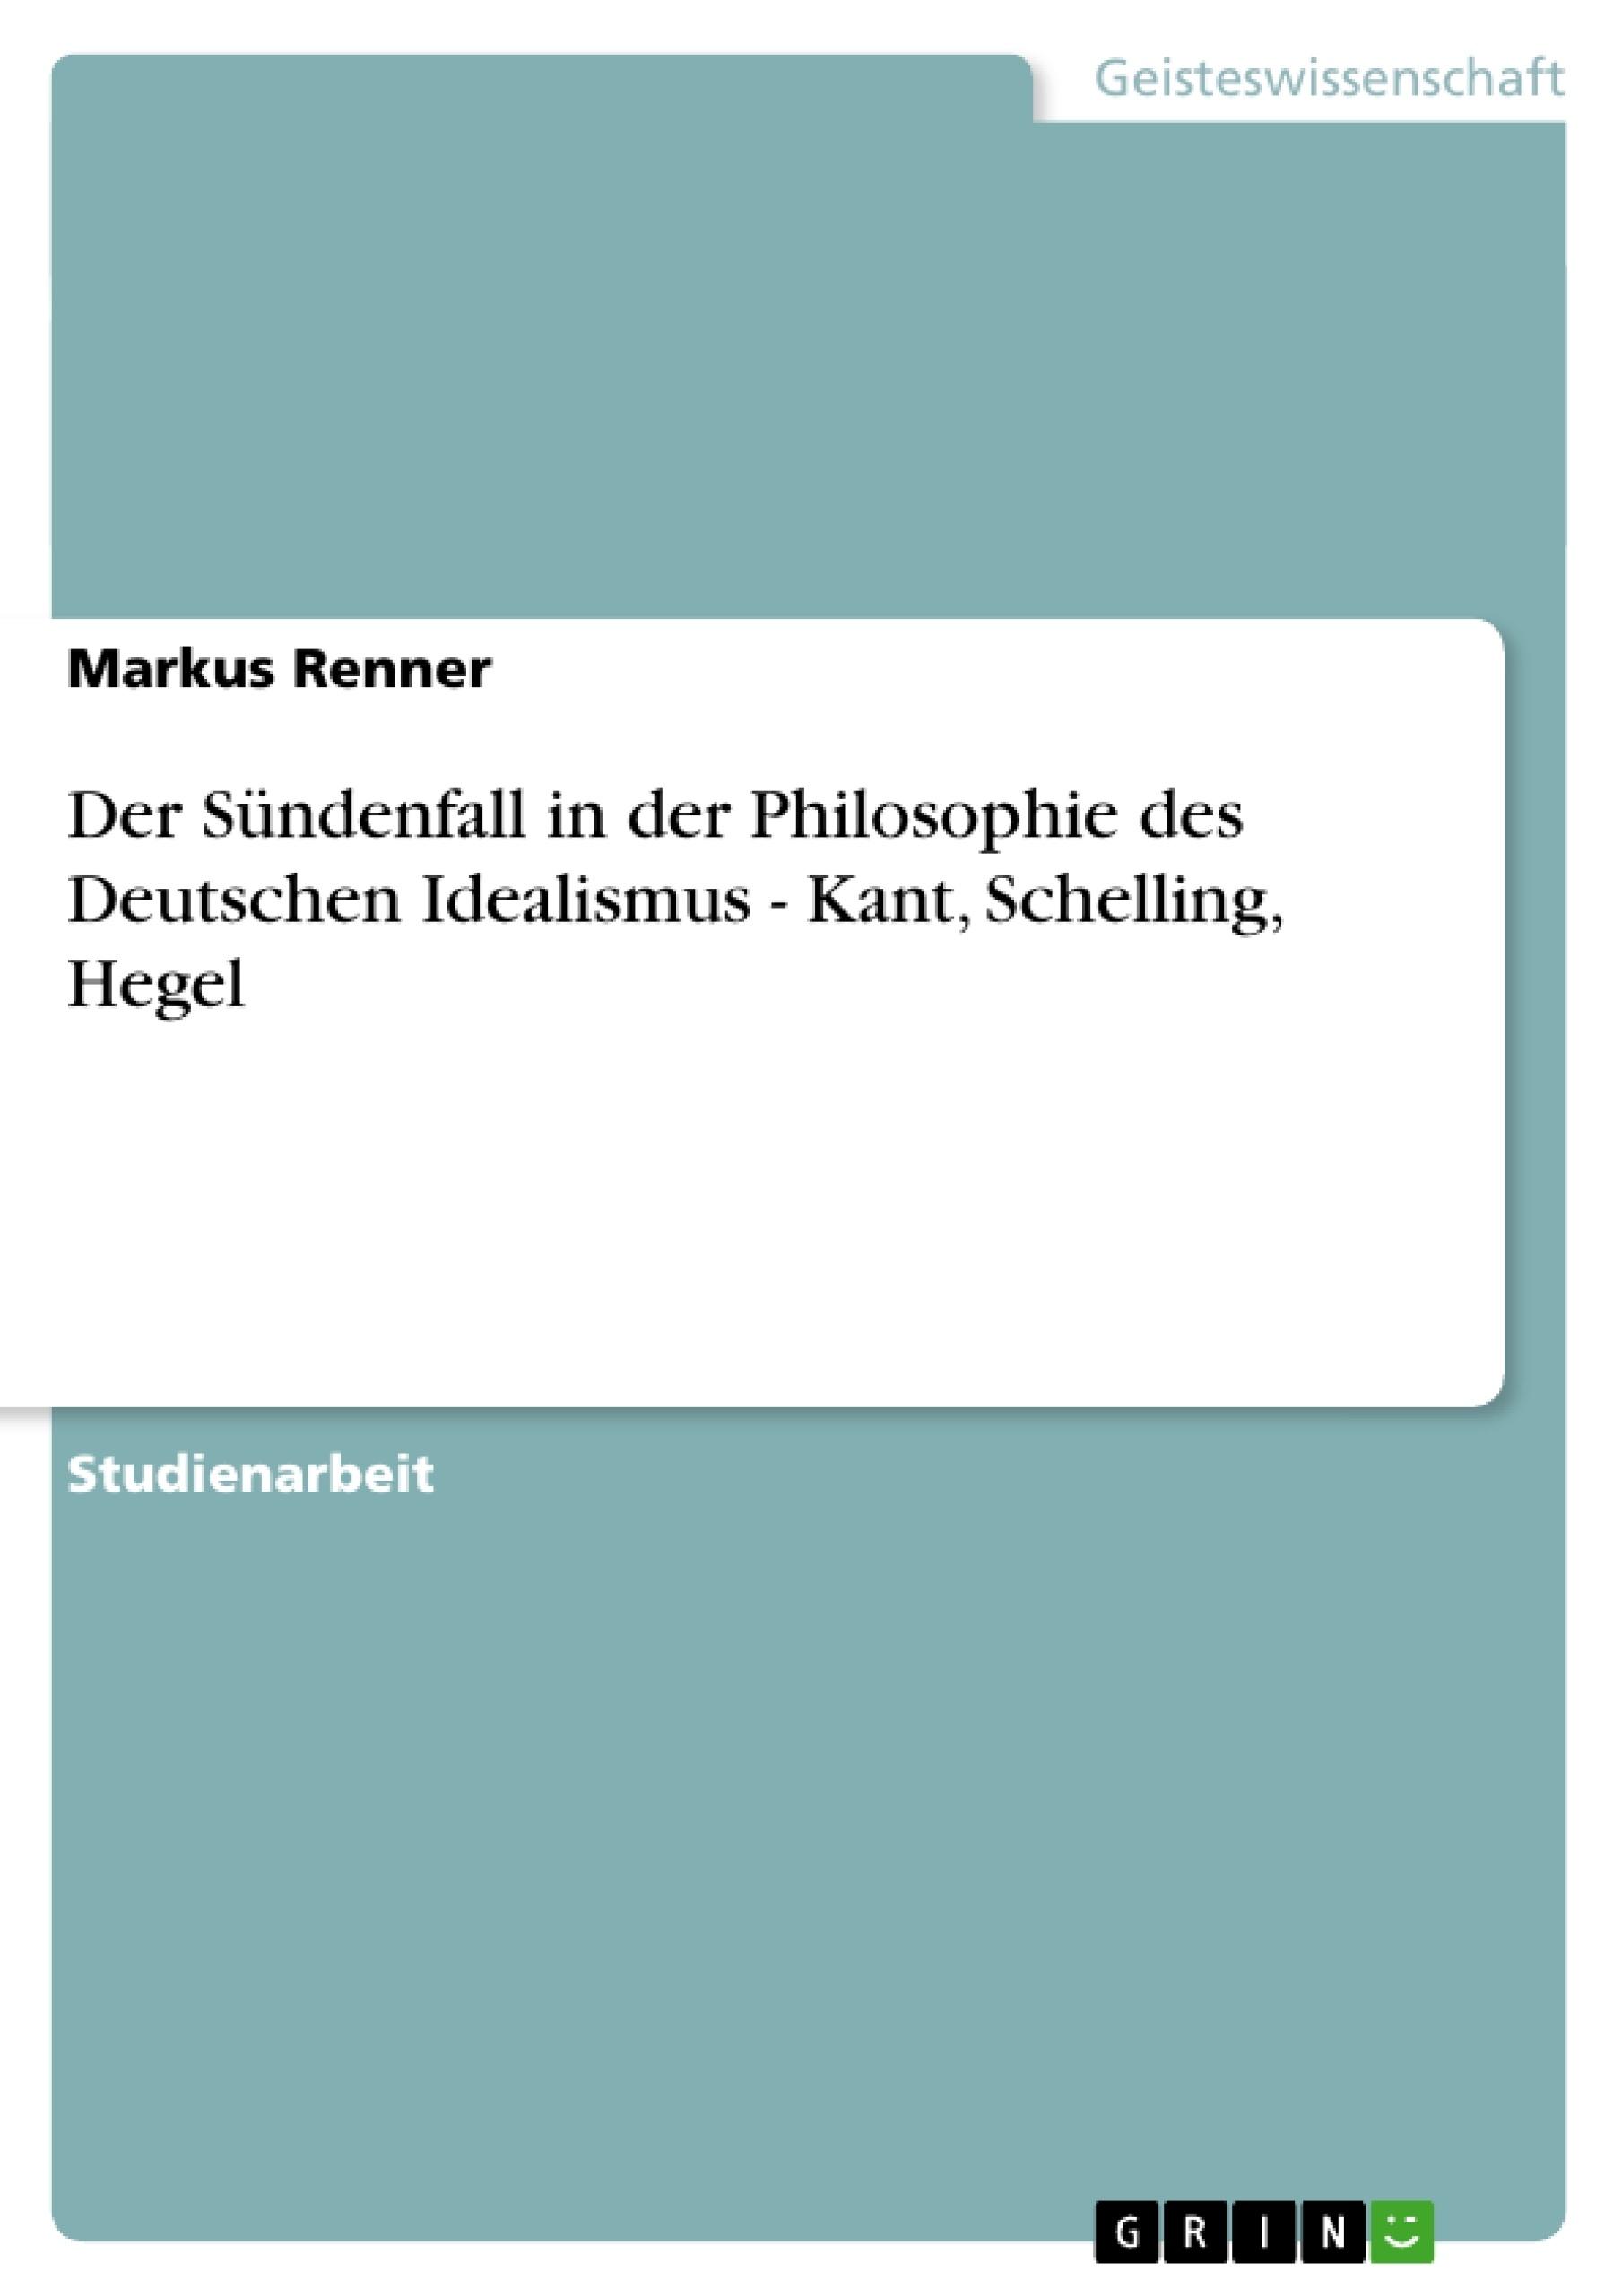 Titel: Der Sündenfall in der Philosophie des Deutschen Idealismus - Kant, Schelling, Hegel